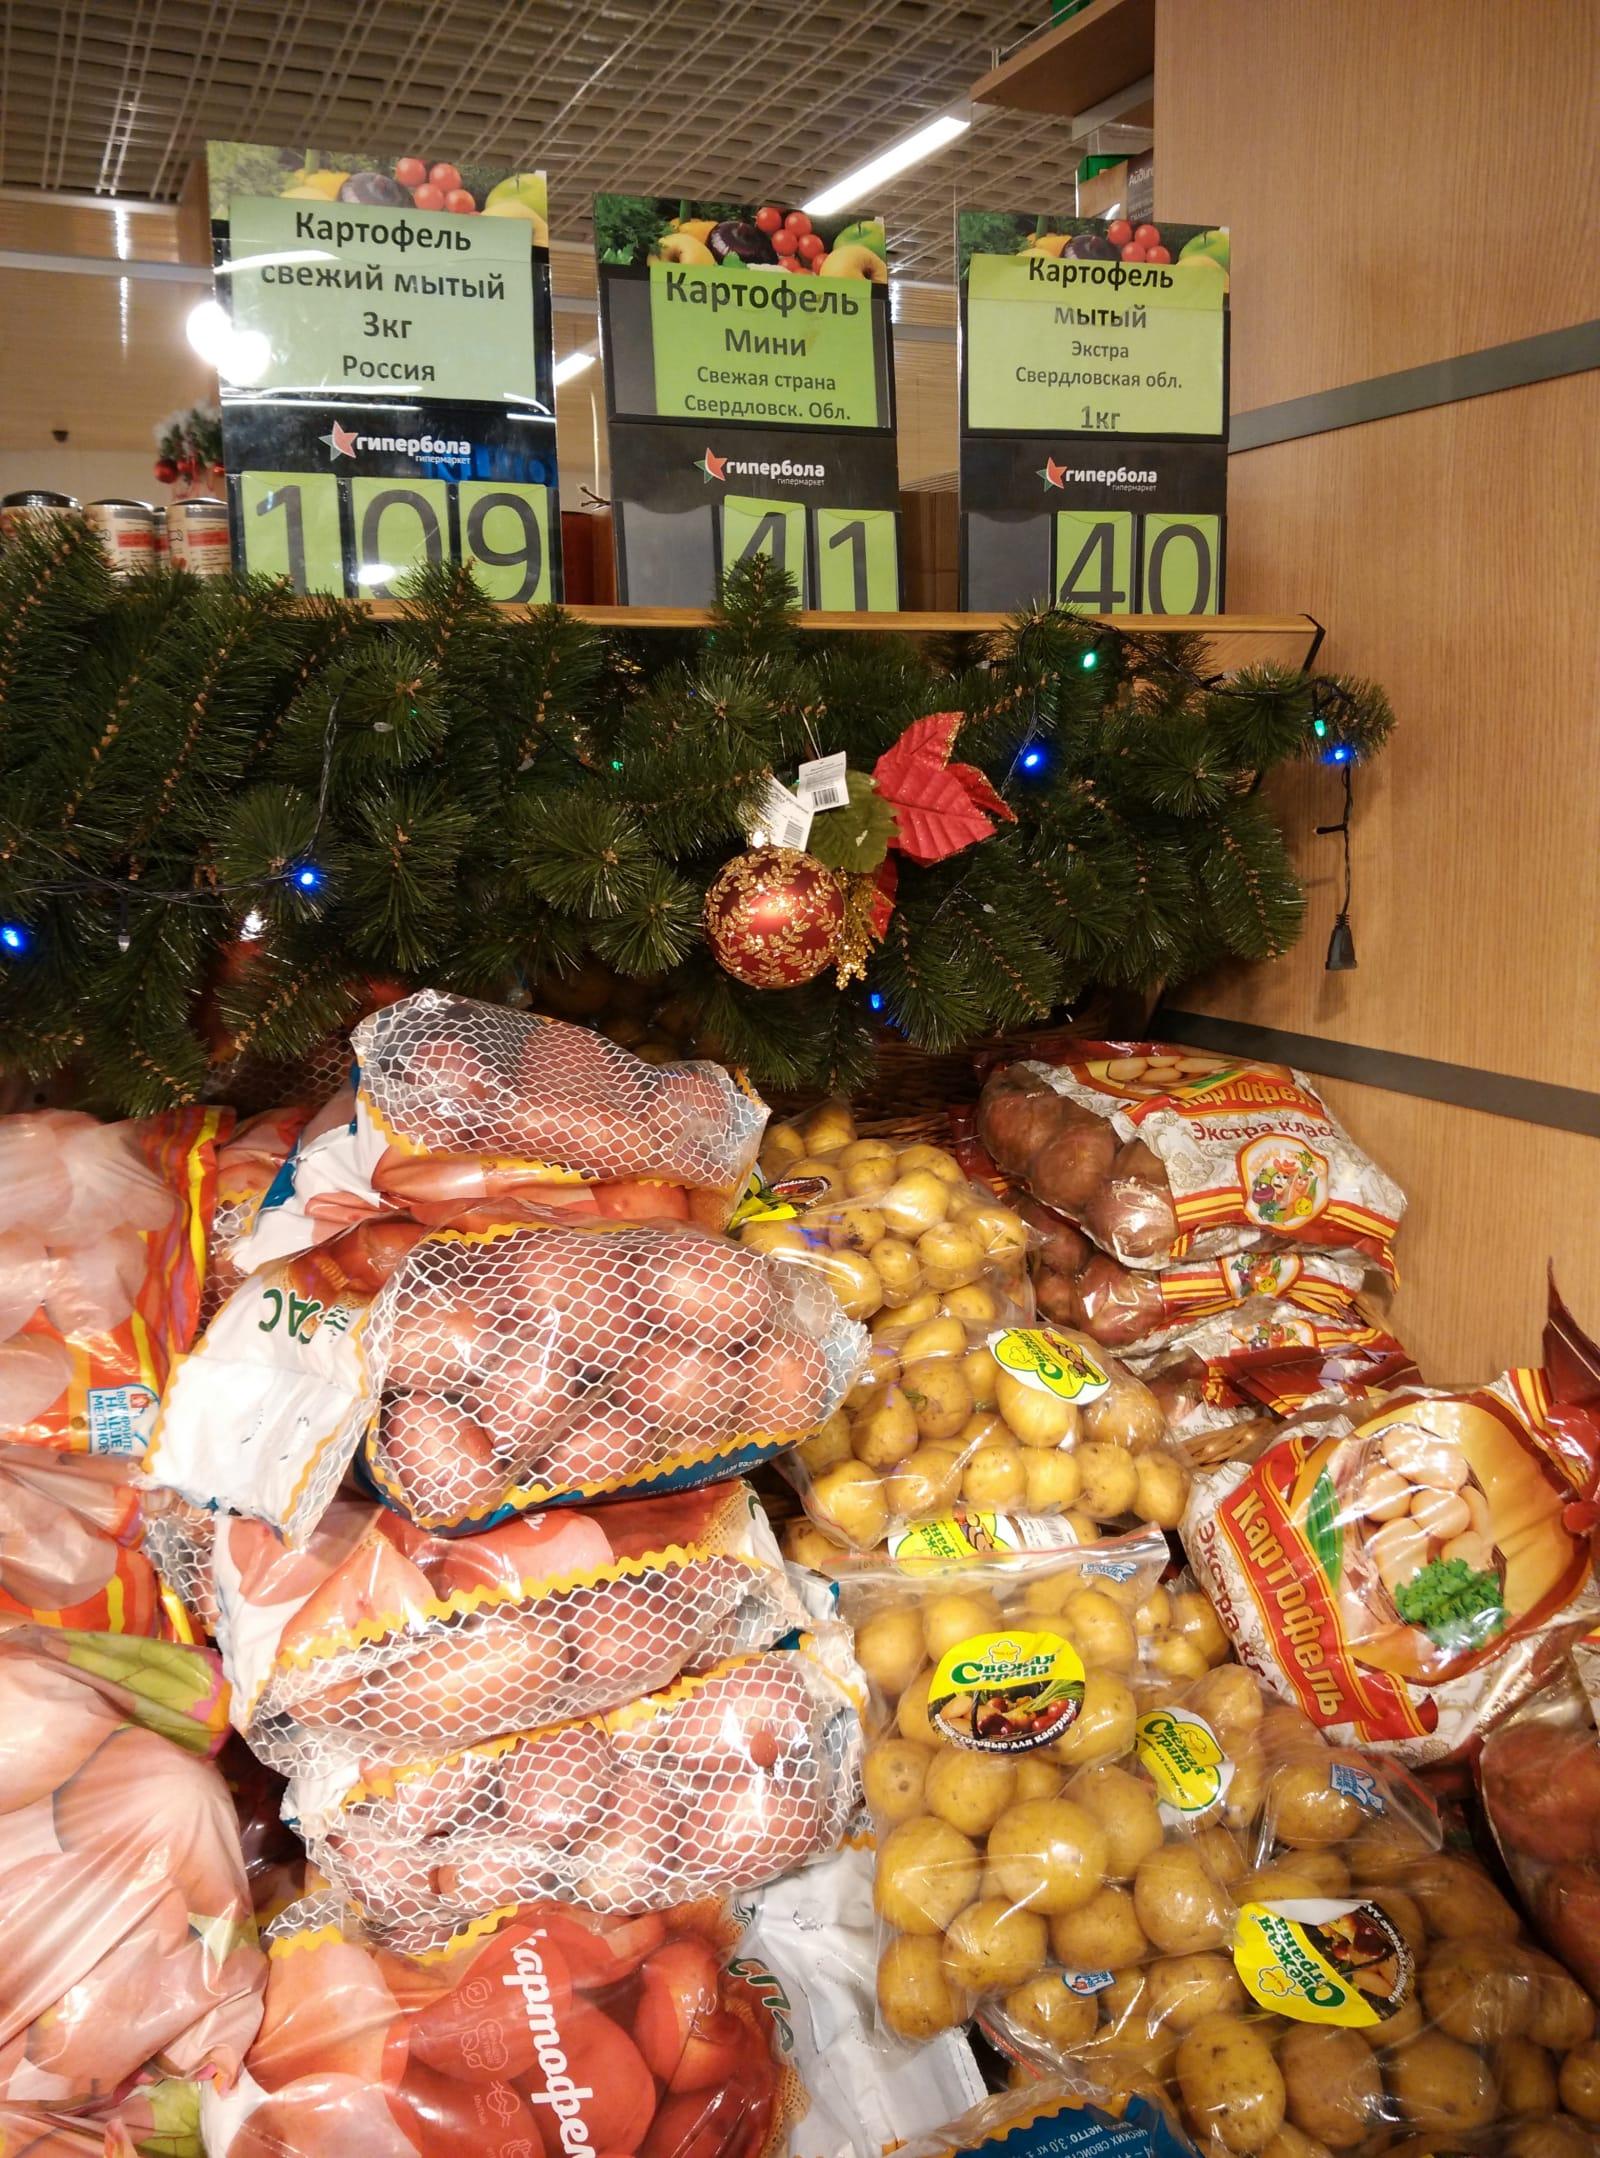 俄罗斯超市土豆|俄罗斯留学物价|俄罗斯超市物价|俄罗斯留学